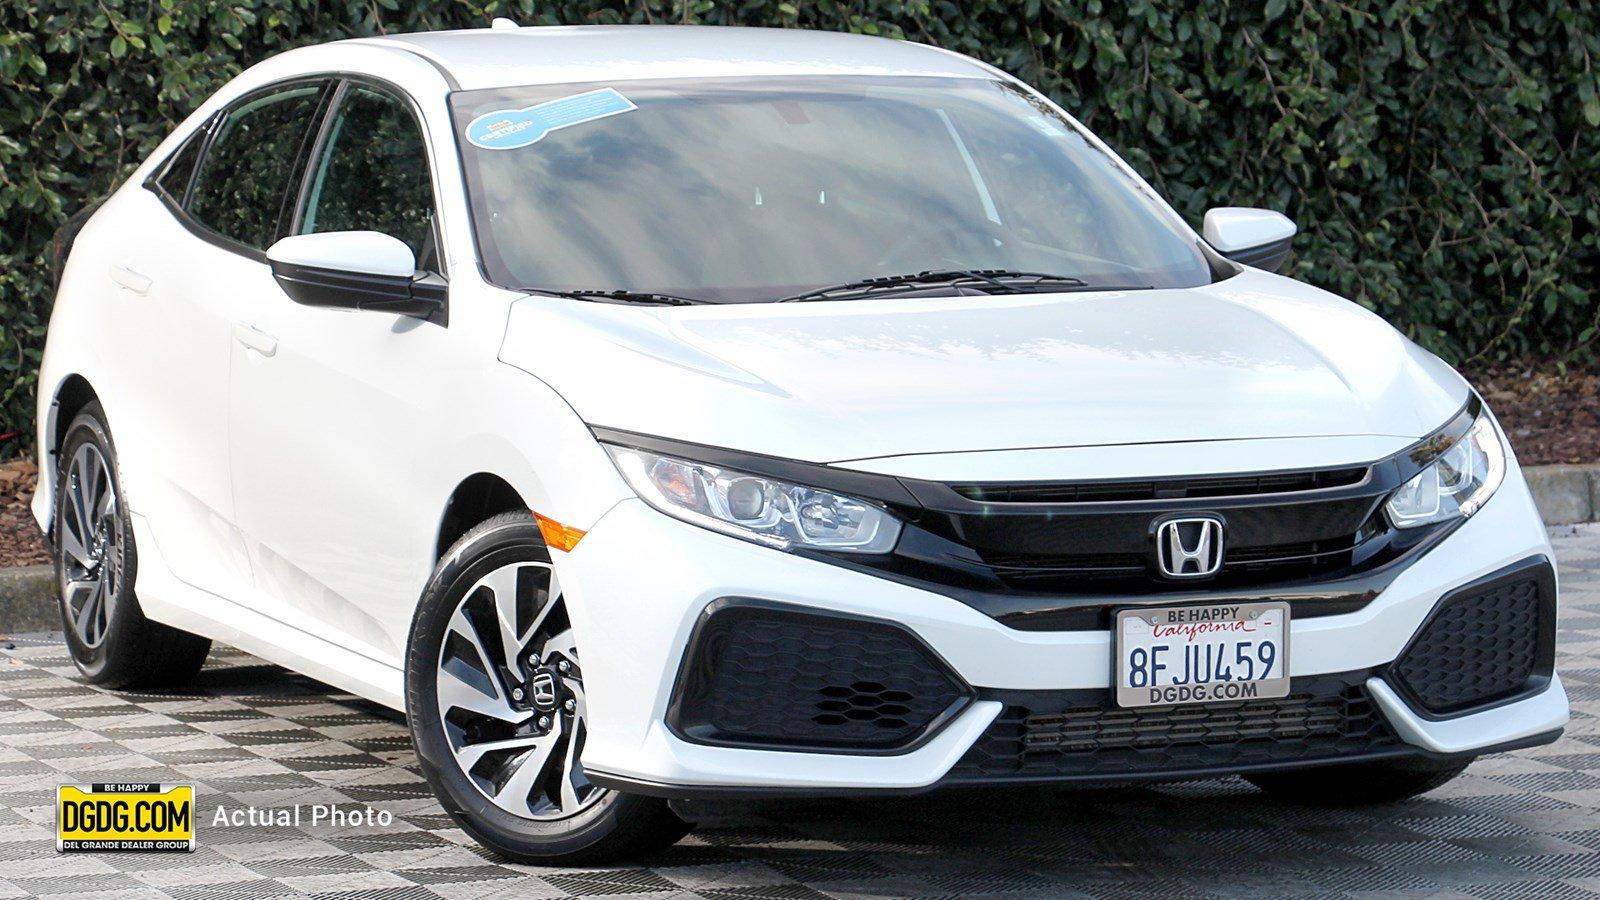 2018 Honda Civic LX image